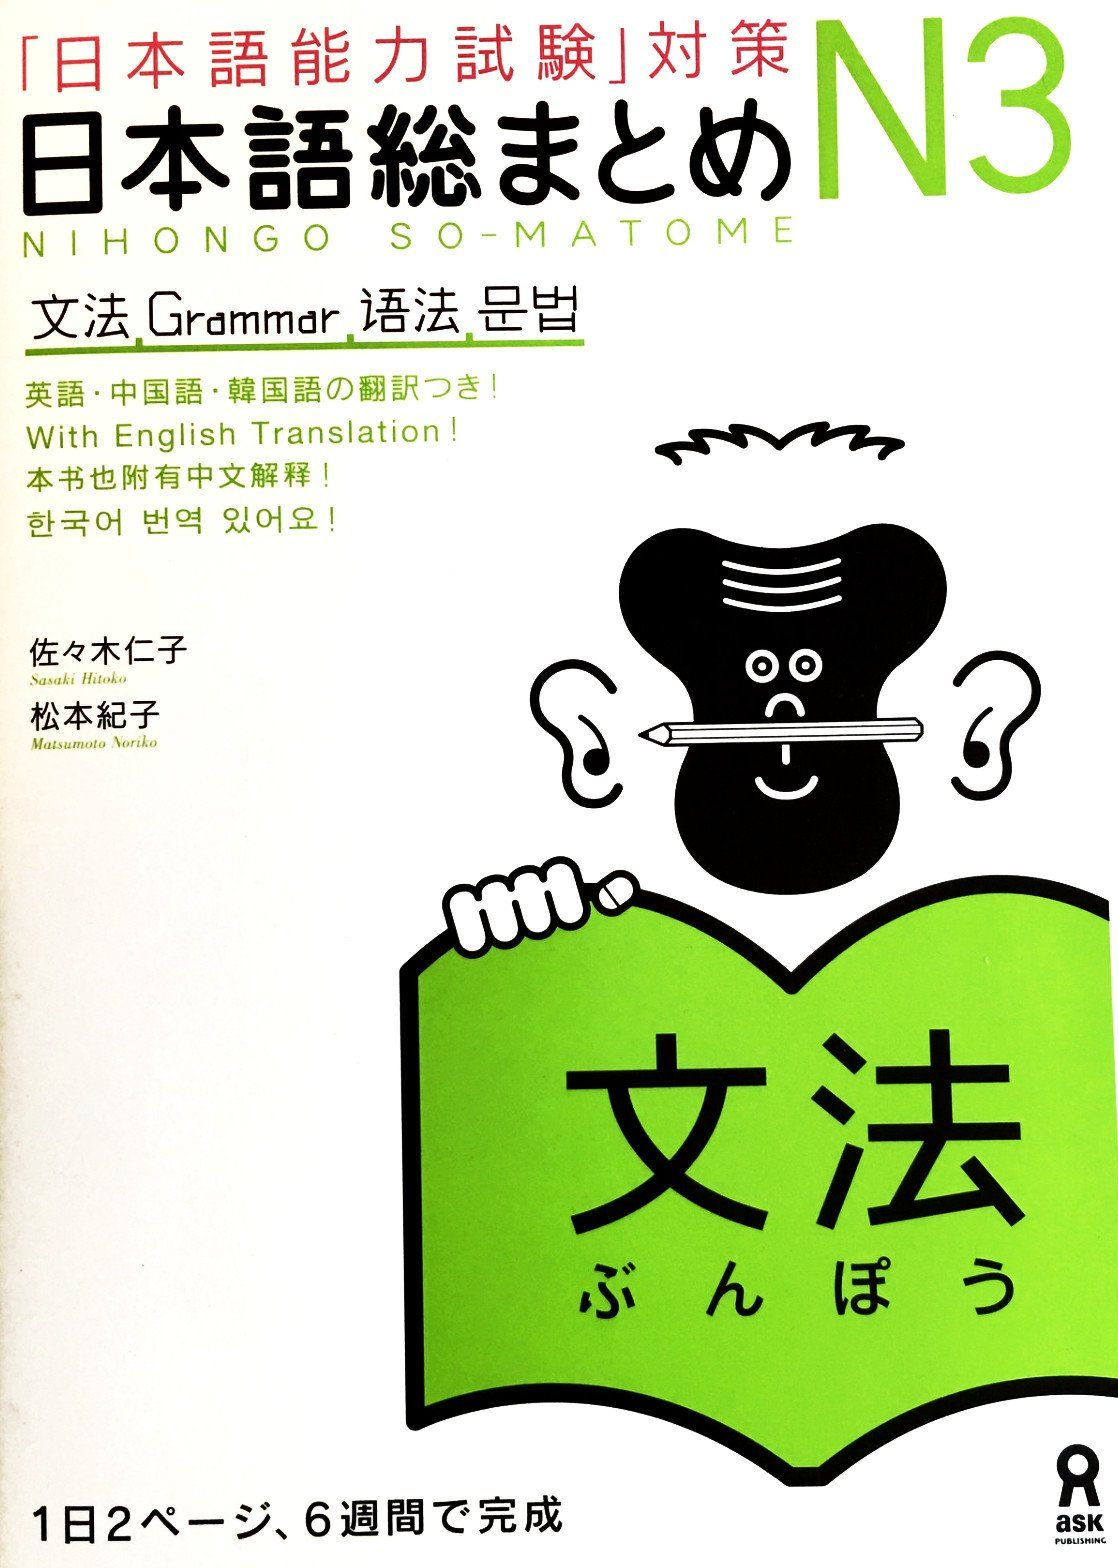 Nihongo So-matome N3 Grammar | Products | Japanese language